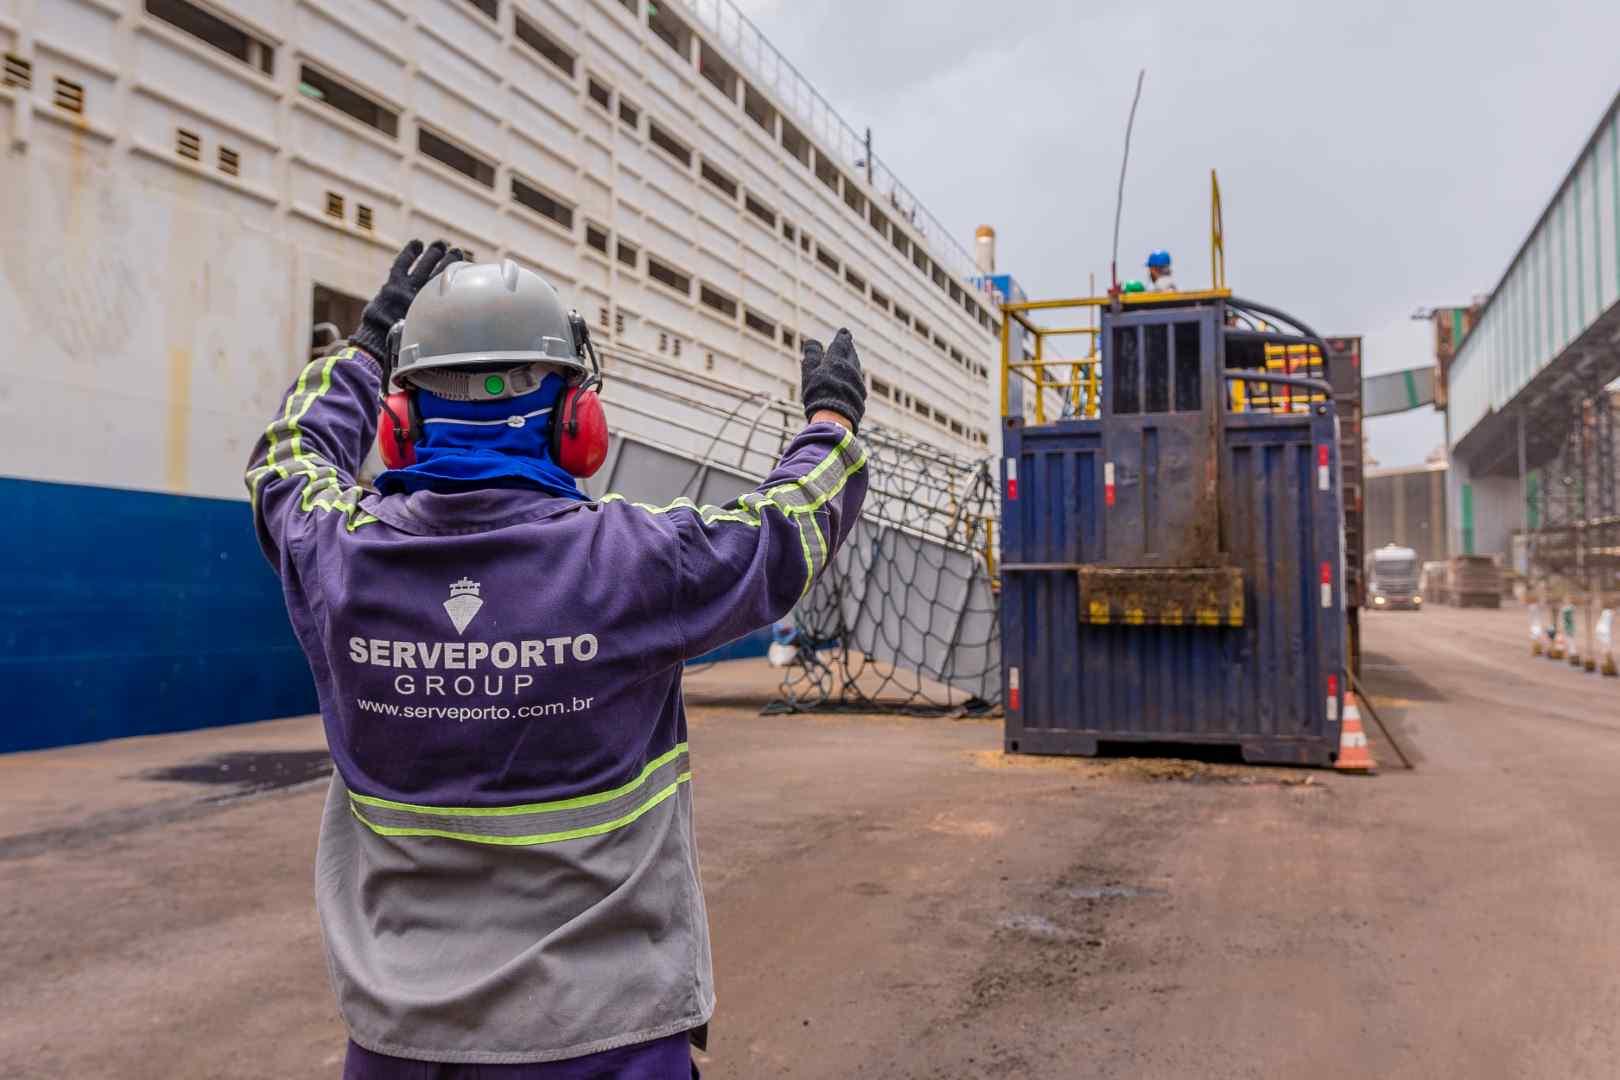 Imagens produzidas para Serveporto realizada no porto CDP Vila do Conde/PA